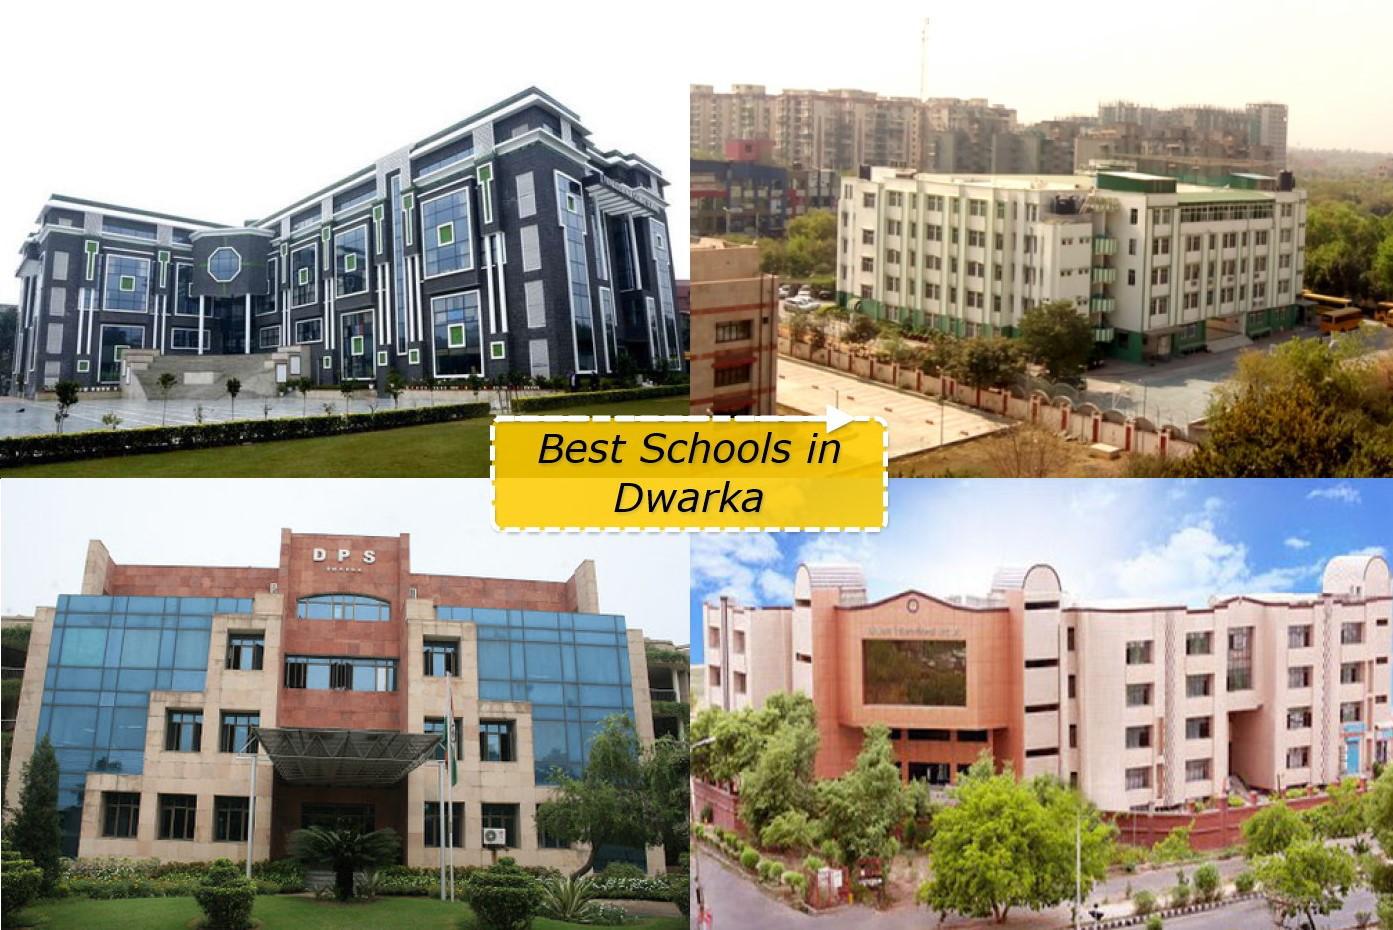 Best Schools in Dwarka, CBSE Schools in Dwarka, ICSE Schools in Dwarka